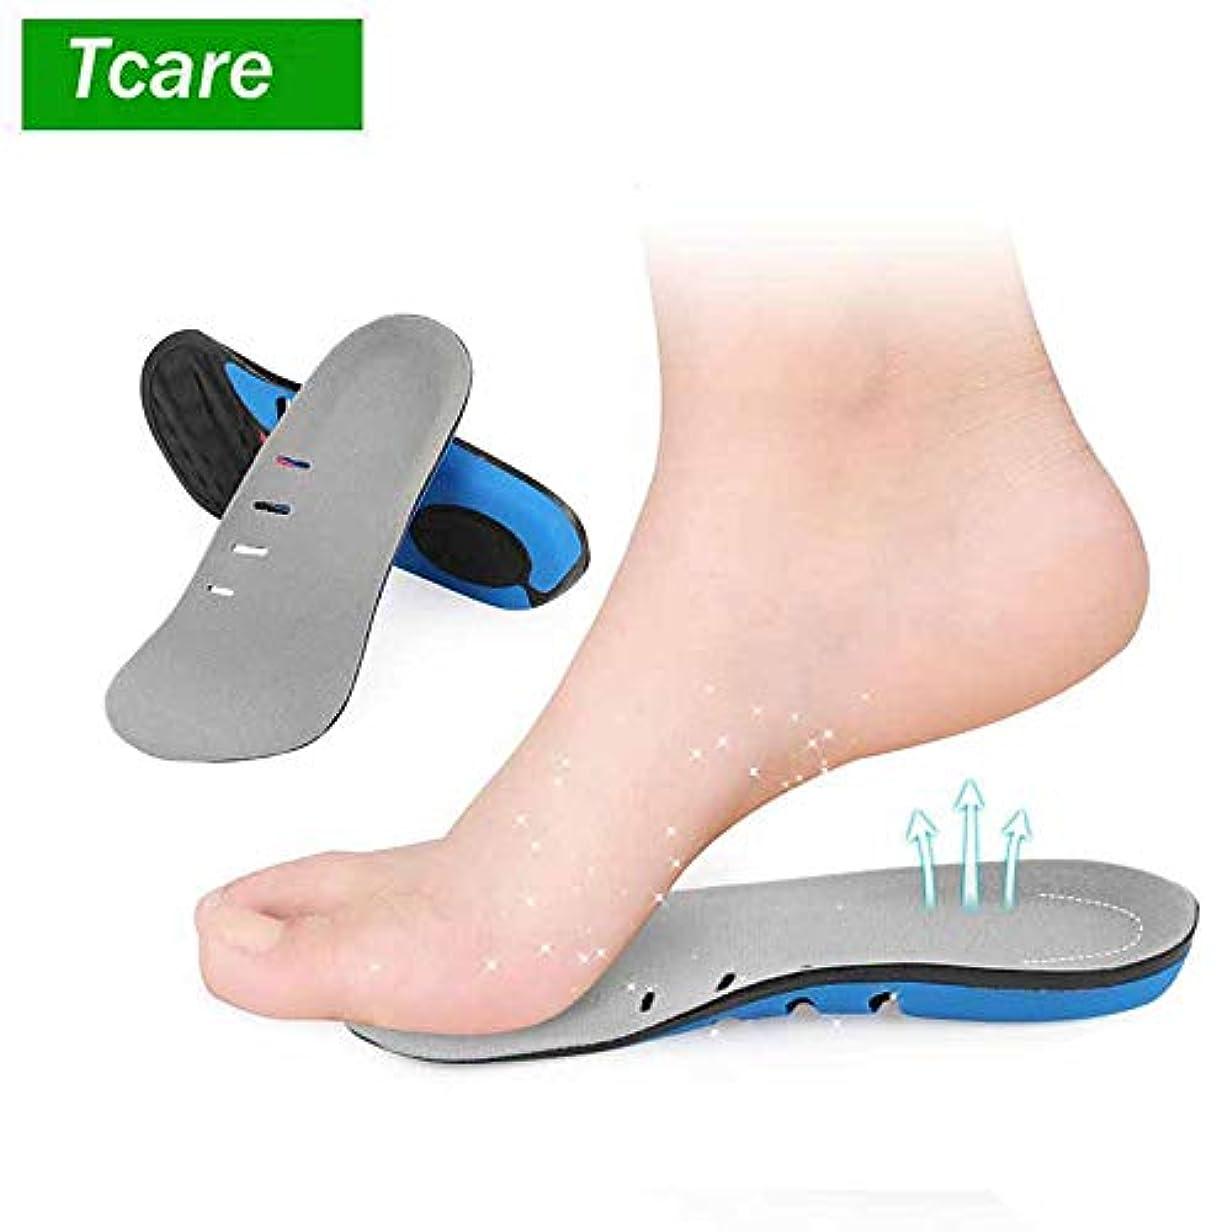 不安定移住するバリー靴のマッサージシューズのインソールは、男性用/女性用の足底筋膜炎用インソール